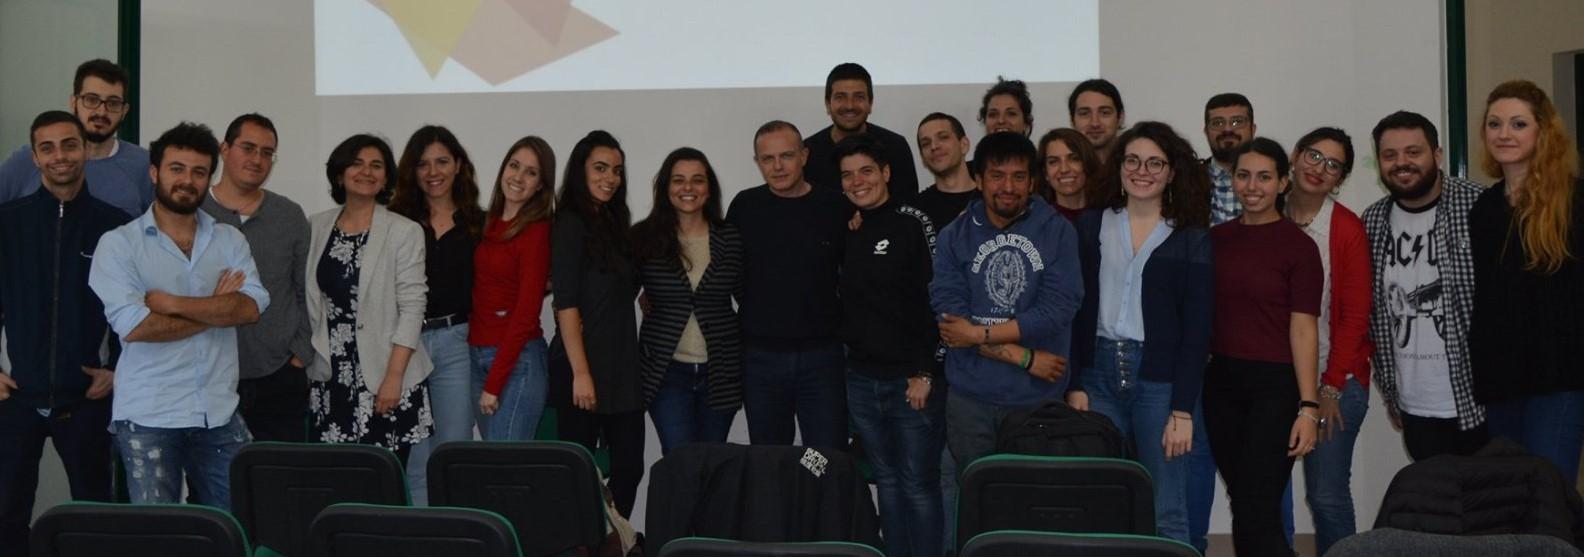 È ripartito in modalità telematica, sulla piattaforma Cisco Webex Meetings, il secondo ciclo formativo di Creative Lab Napoli. Il percorso laboratoriale intende creare un ponte tra il territorio, le imprese [...]